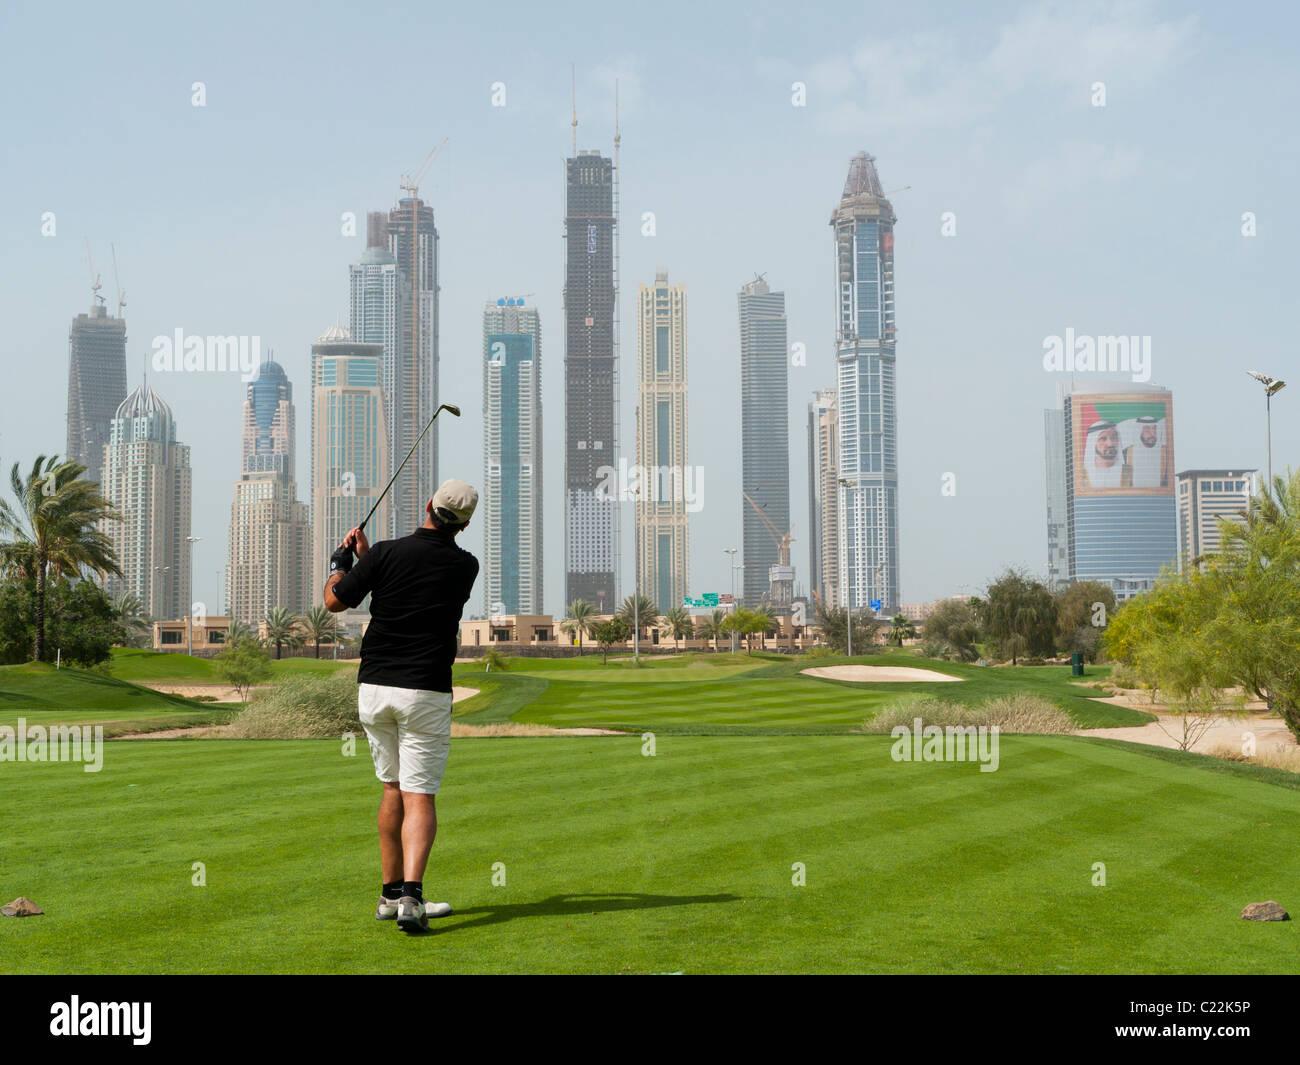 Un hombre jugando al golf en el club de golf Emirates en Dubai en los Emiratos Árabes Unidos Imagen De Stock